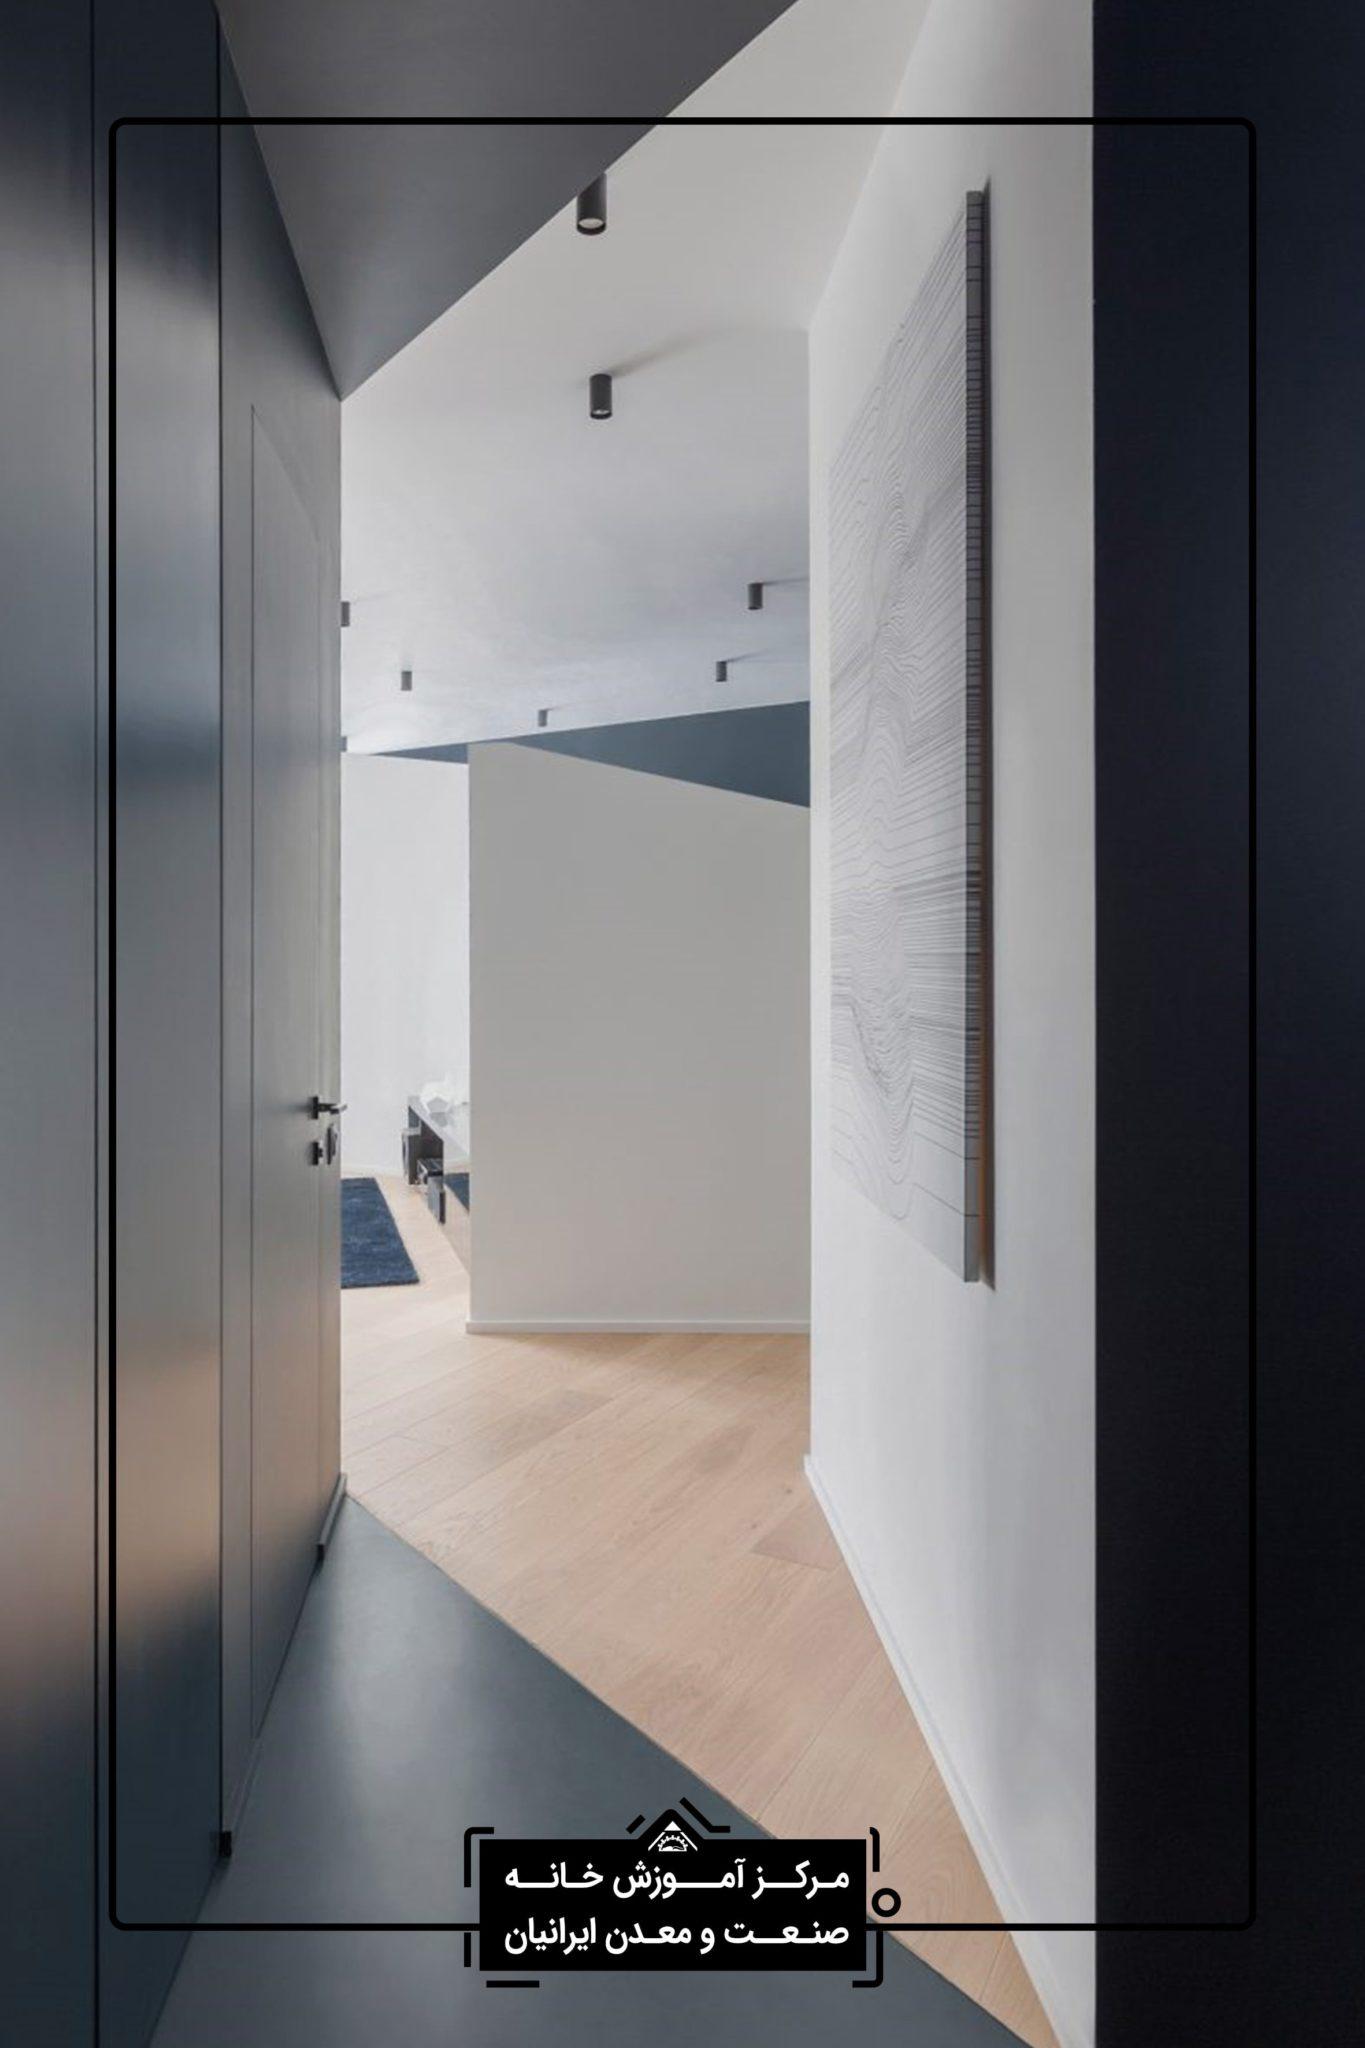 طراحی داخلی تخصصی در شیراز - کلاس طراحی دکوراسیون داخلی شیراز |interior design